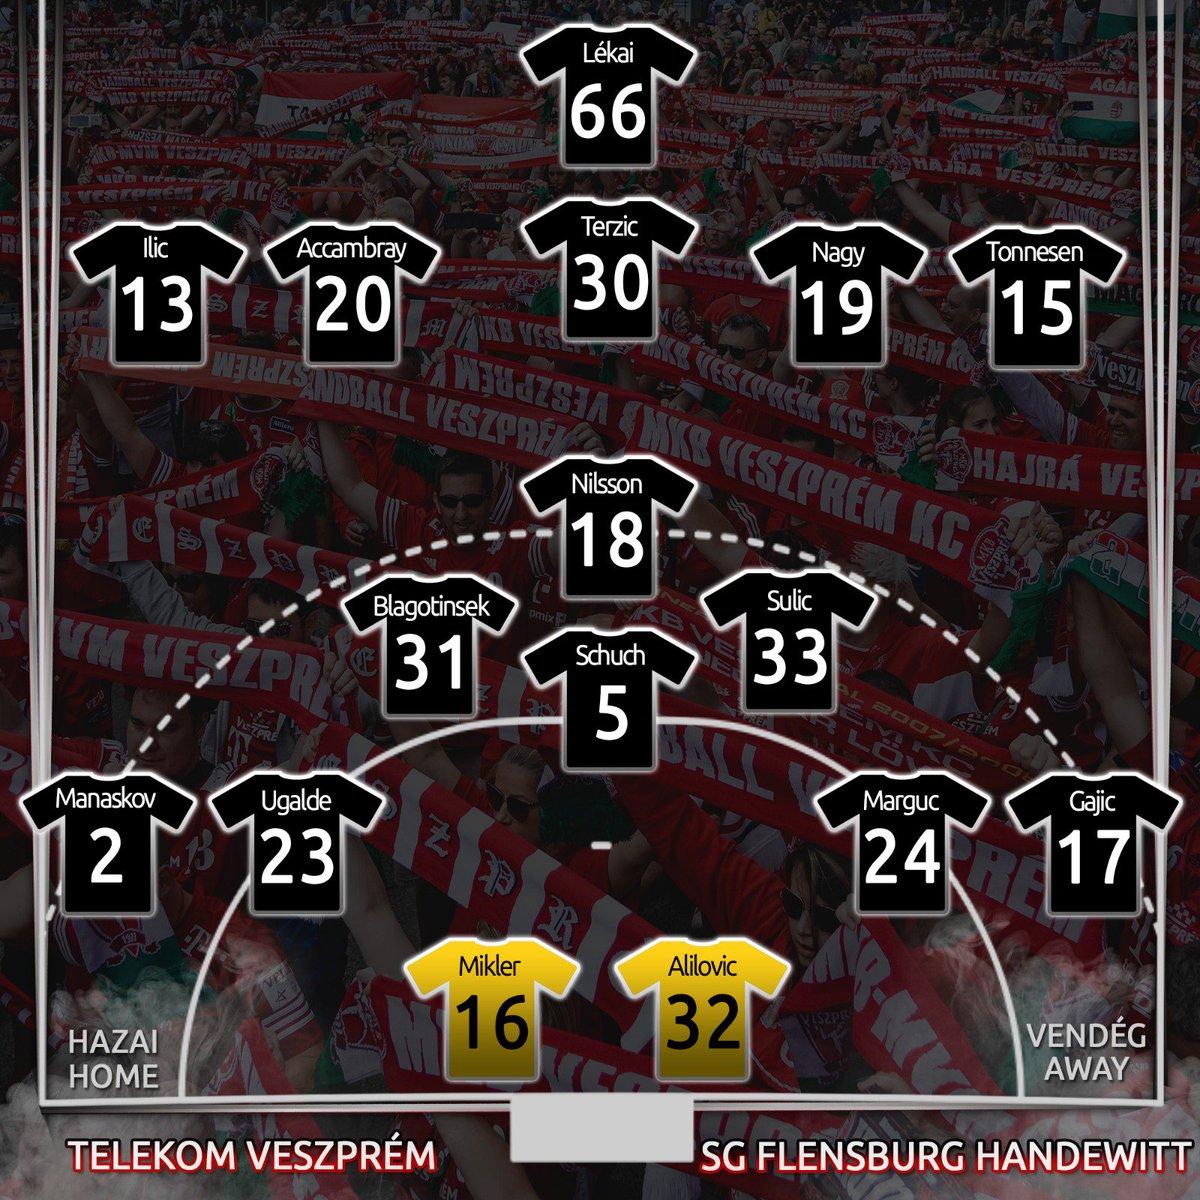 Here is our squad for the game against @SGFleHa in the @ehfcl! #HandballCity #WeAreVeszprem https://t.co/2BasKJnHRn